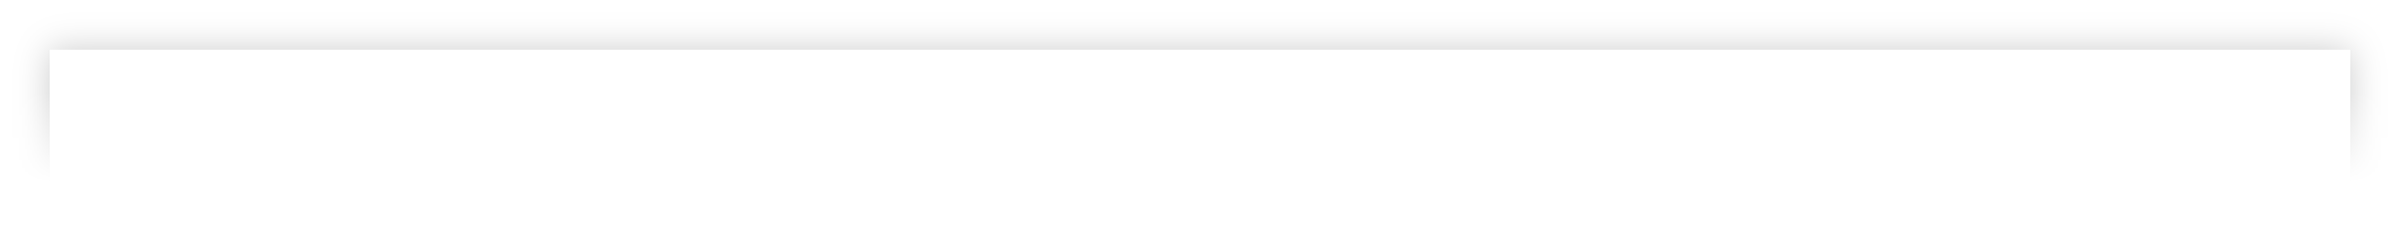 Contactform Hubspot Images Card Breaker